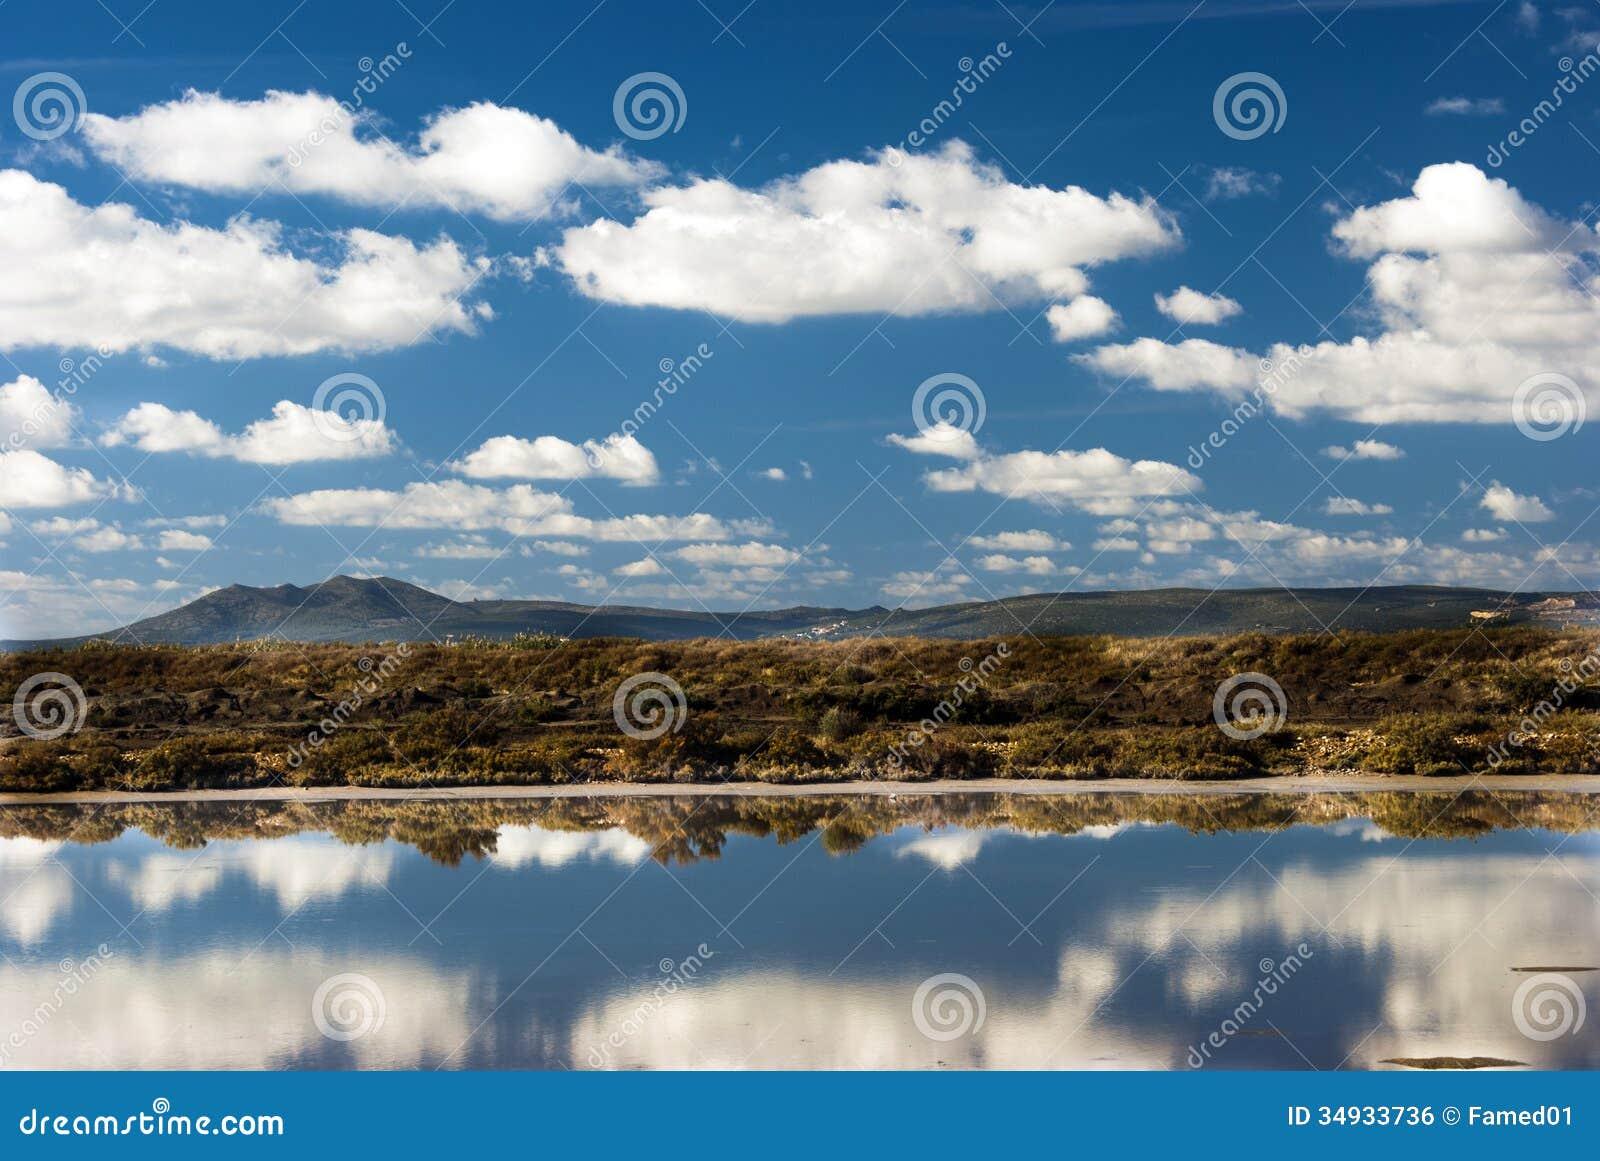 Sardinia Natural Resources